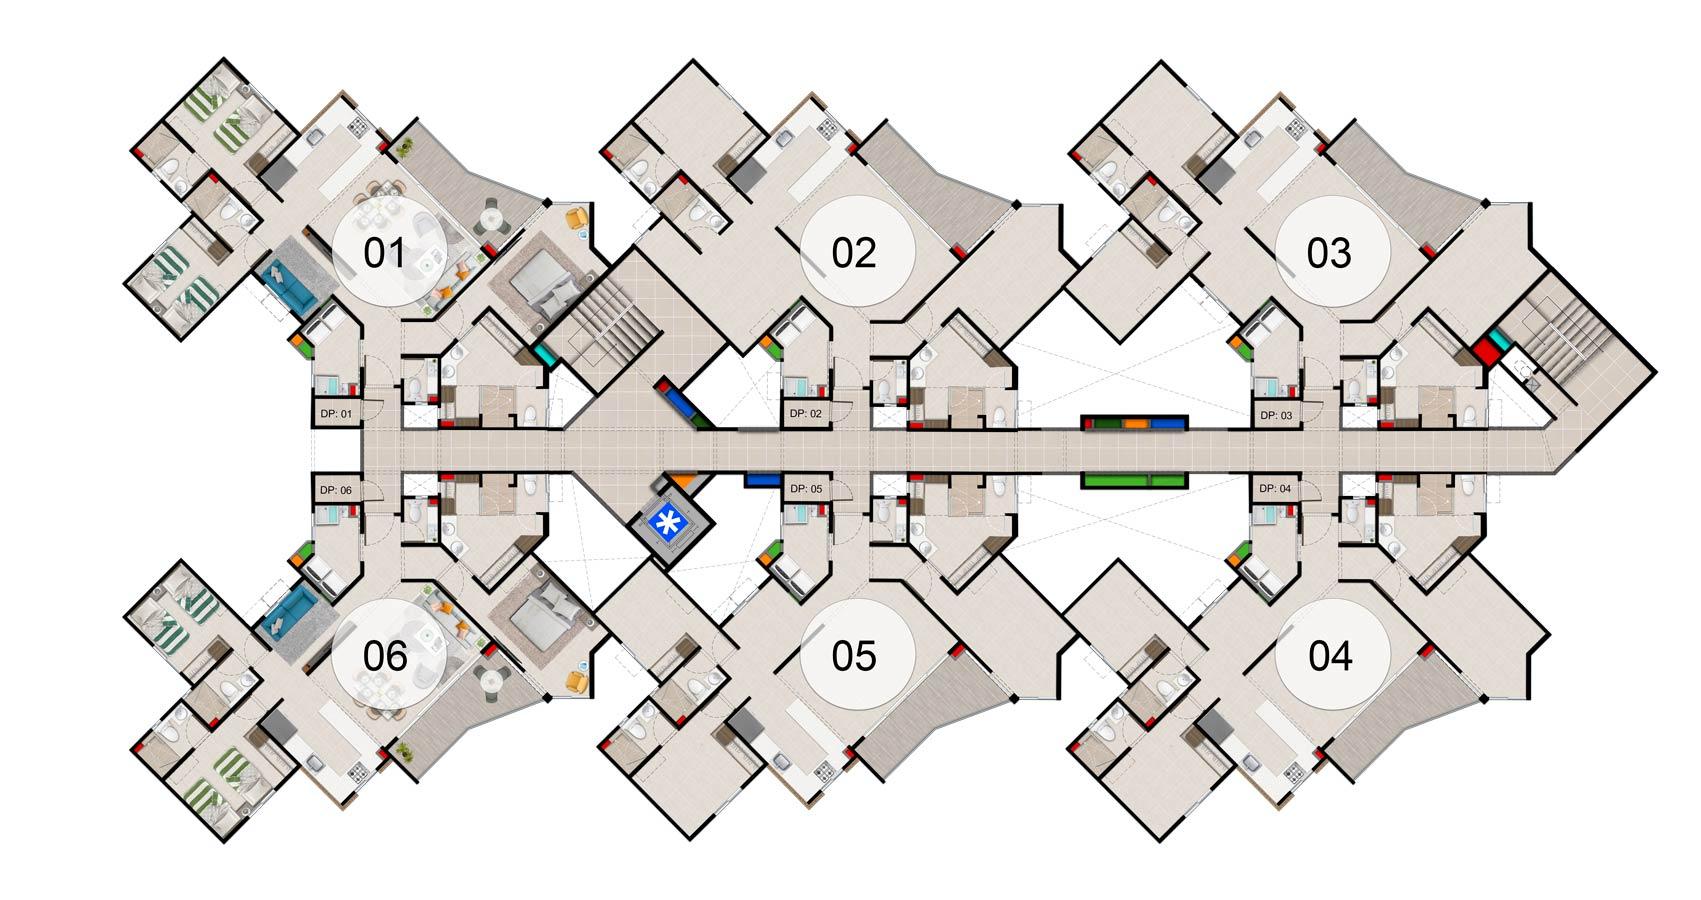 Portobelo proyecto de vivienda en cali vivero parque residencial sur